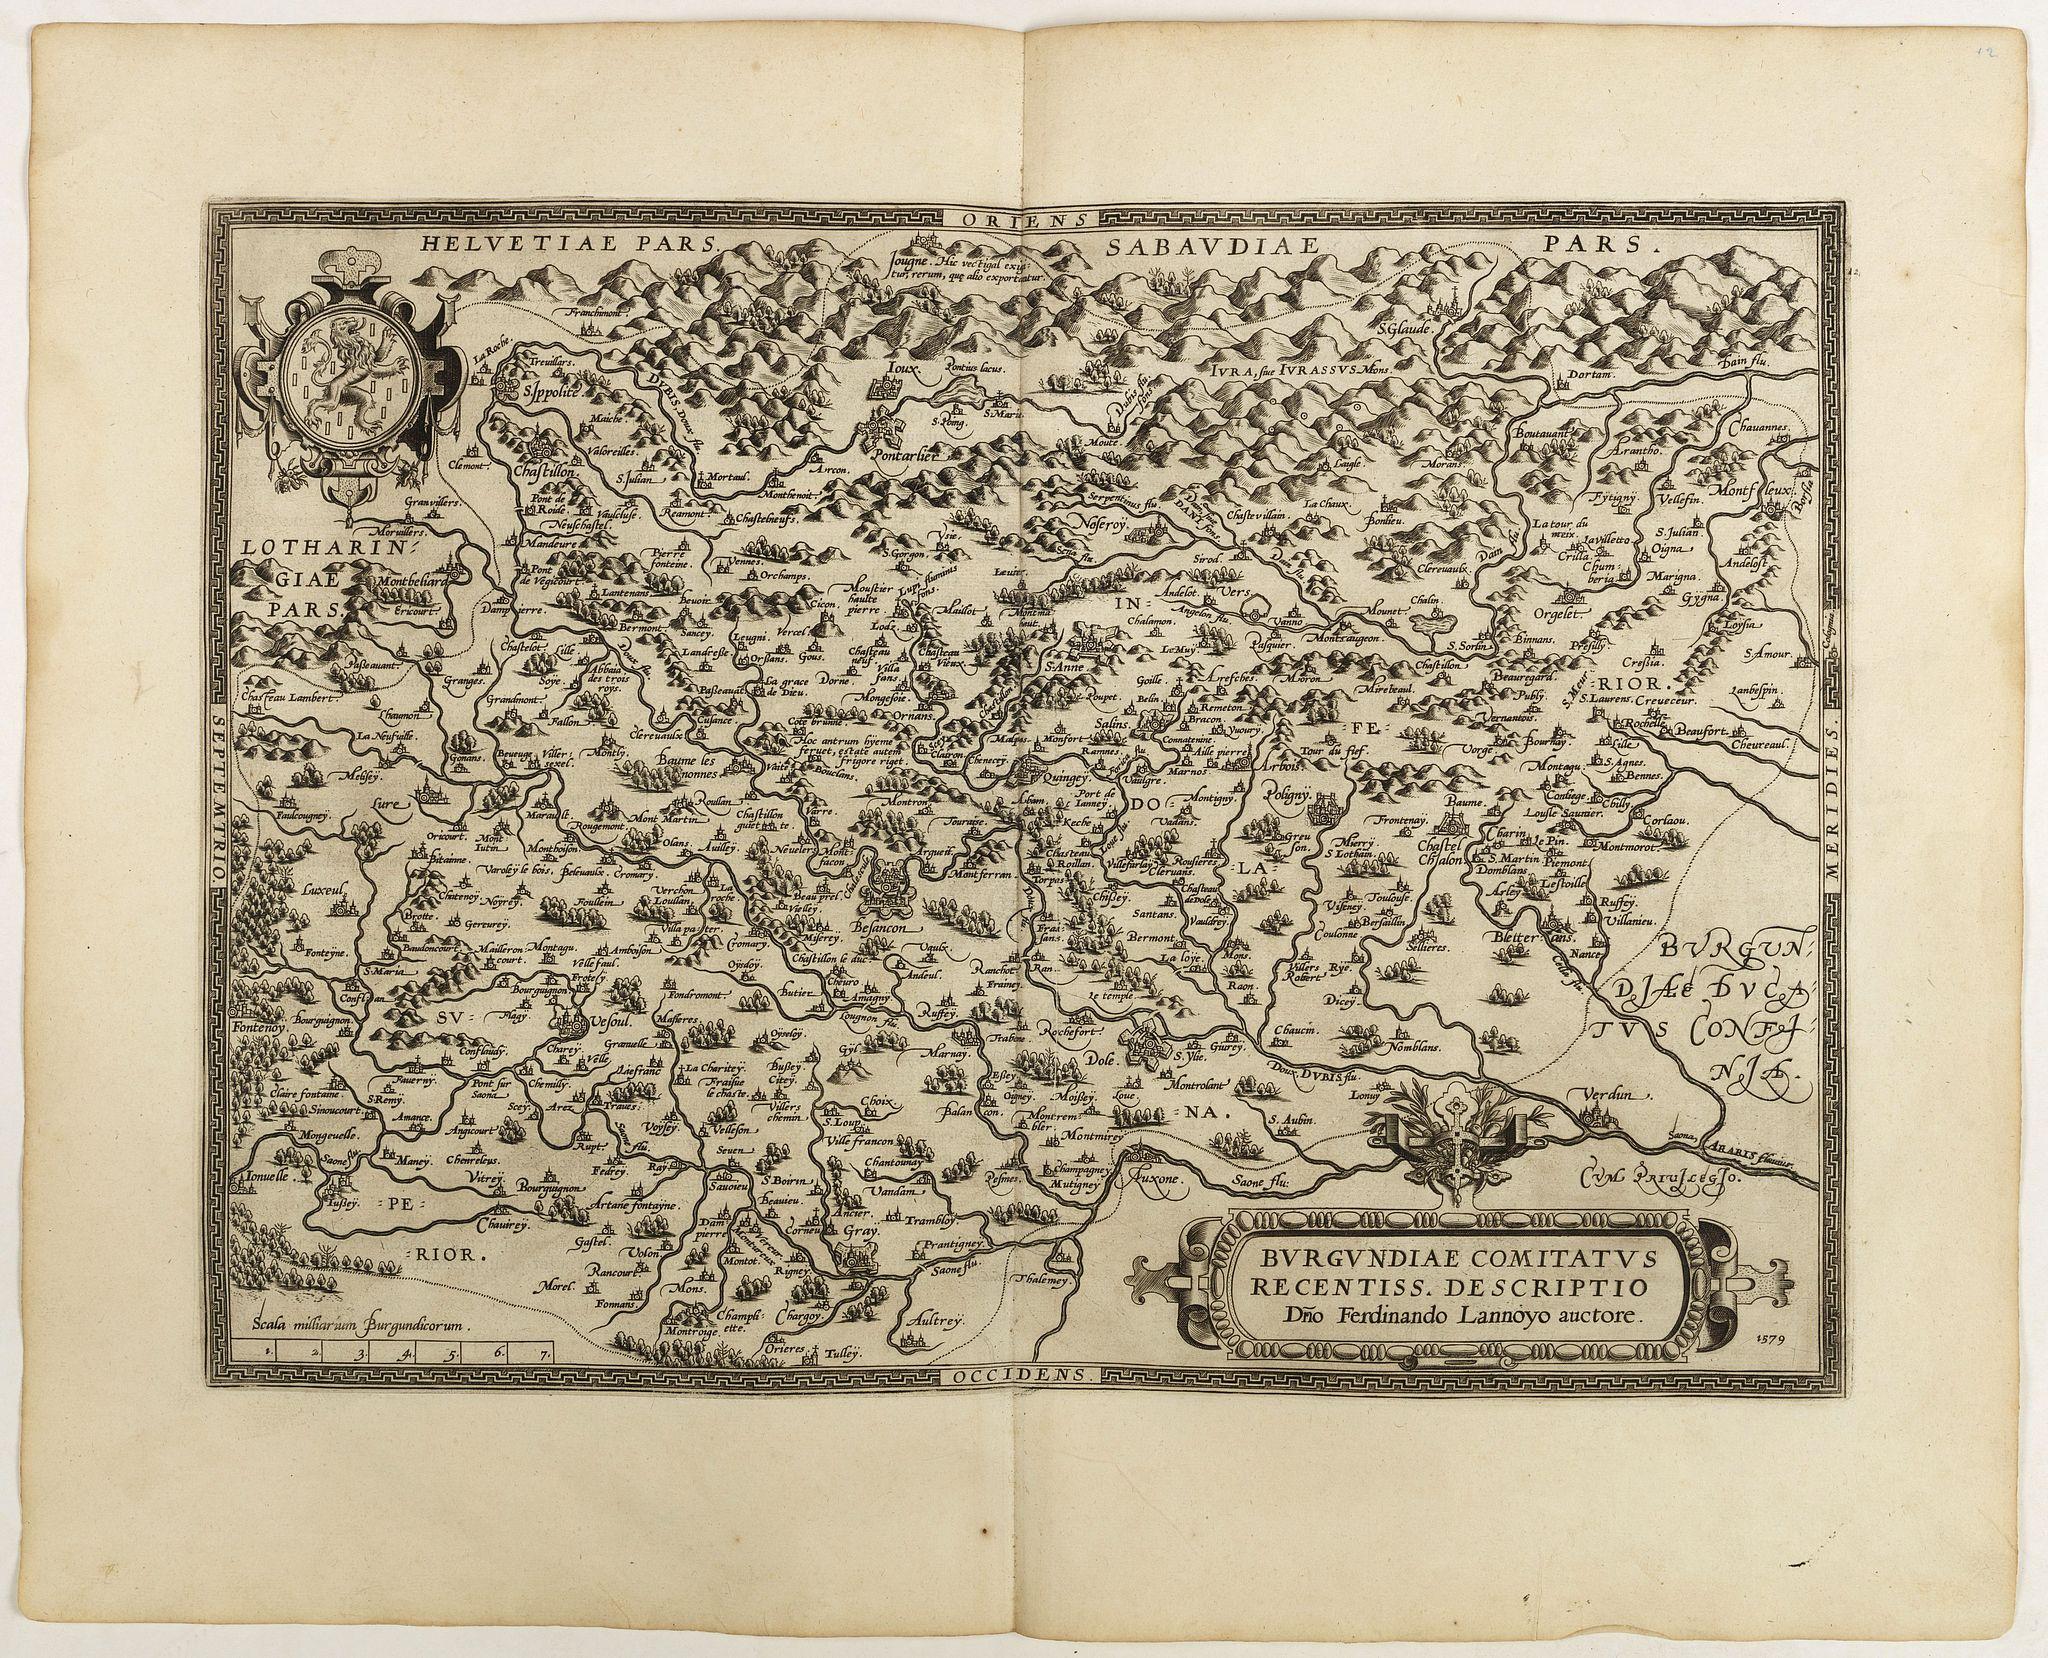 ORTELIUS, A. -  Burgundiae Comitatus Recentiss. Descriptio.